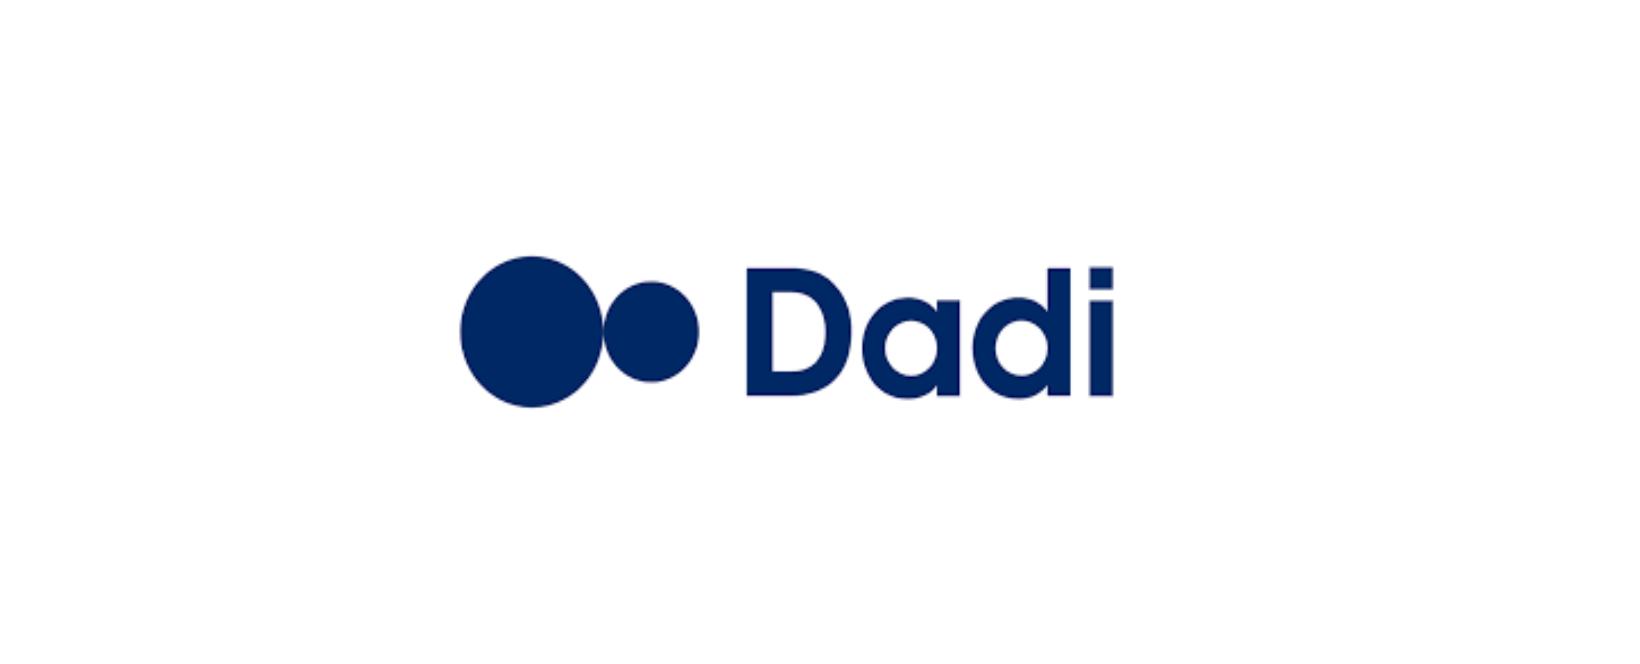 Dadi Discount Code 2021